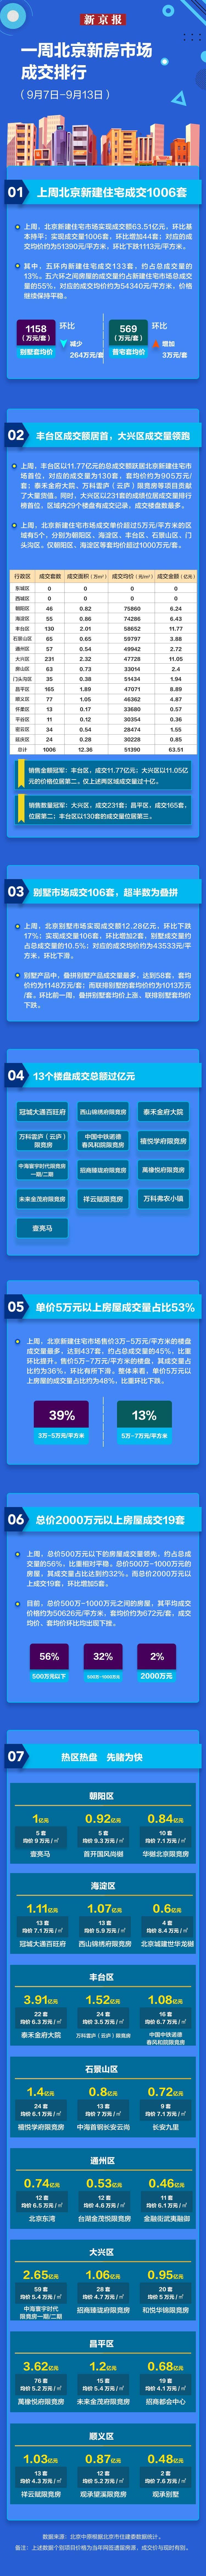 """""""金九""""第二周北京新建住宅成交量再破千,哪些楼盘抢收过亿?"""